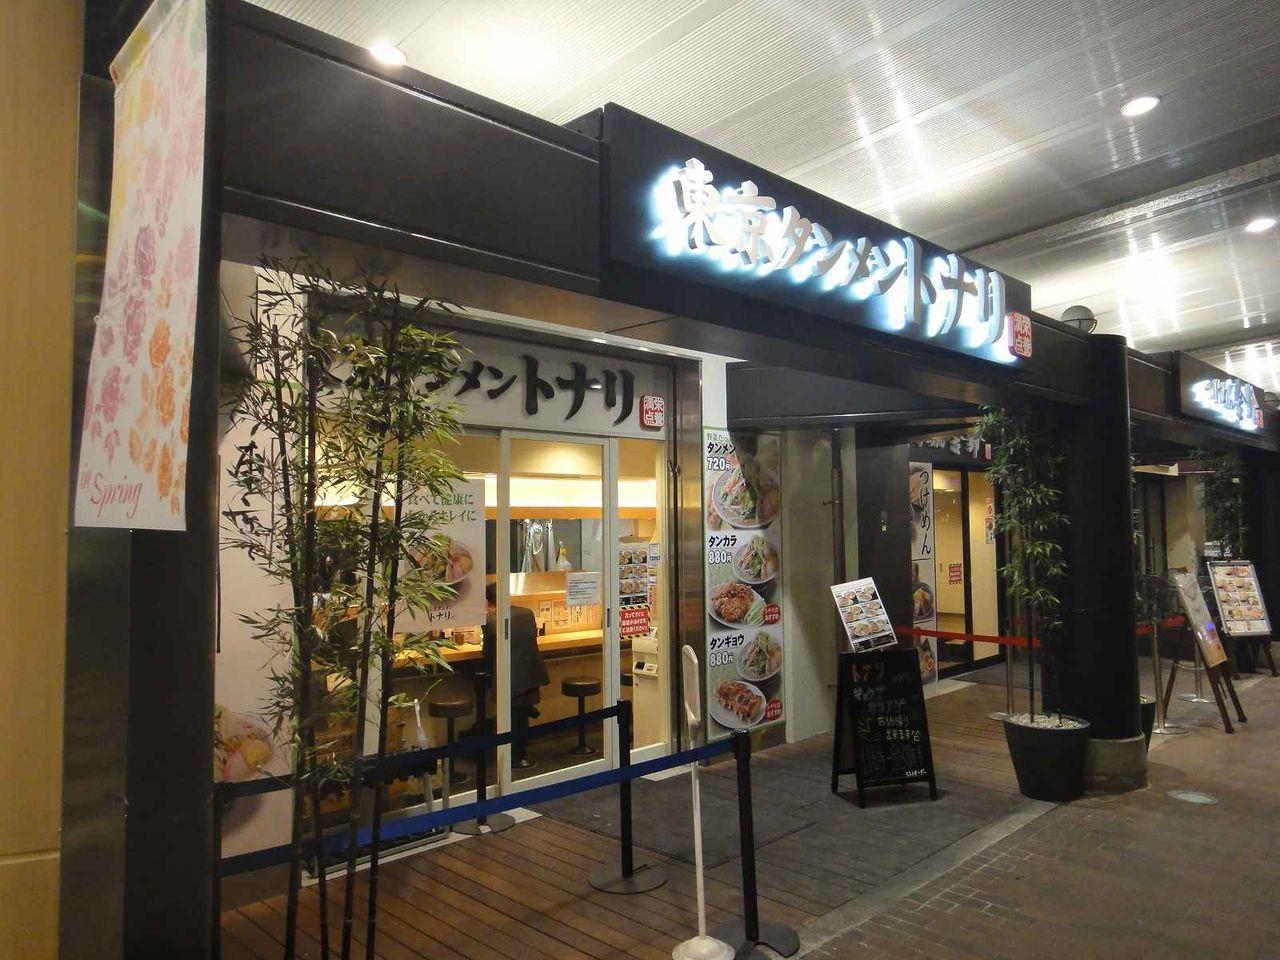 たまに行くならこんな店 久々の「トナリアトレ上野店」で、タンメン味の野菜を盛り合わせたスパイシーなウマさ満点の焼きそばを食べてきました!